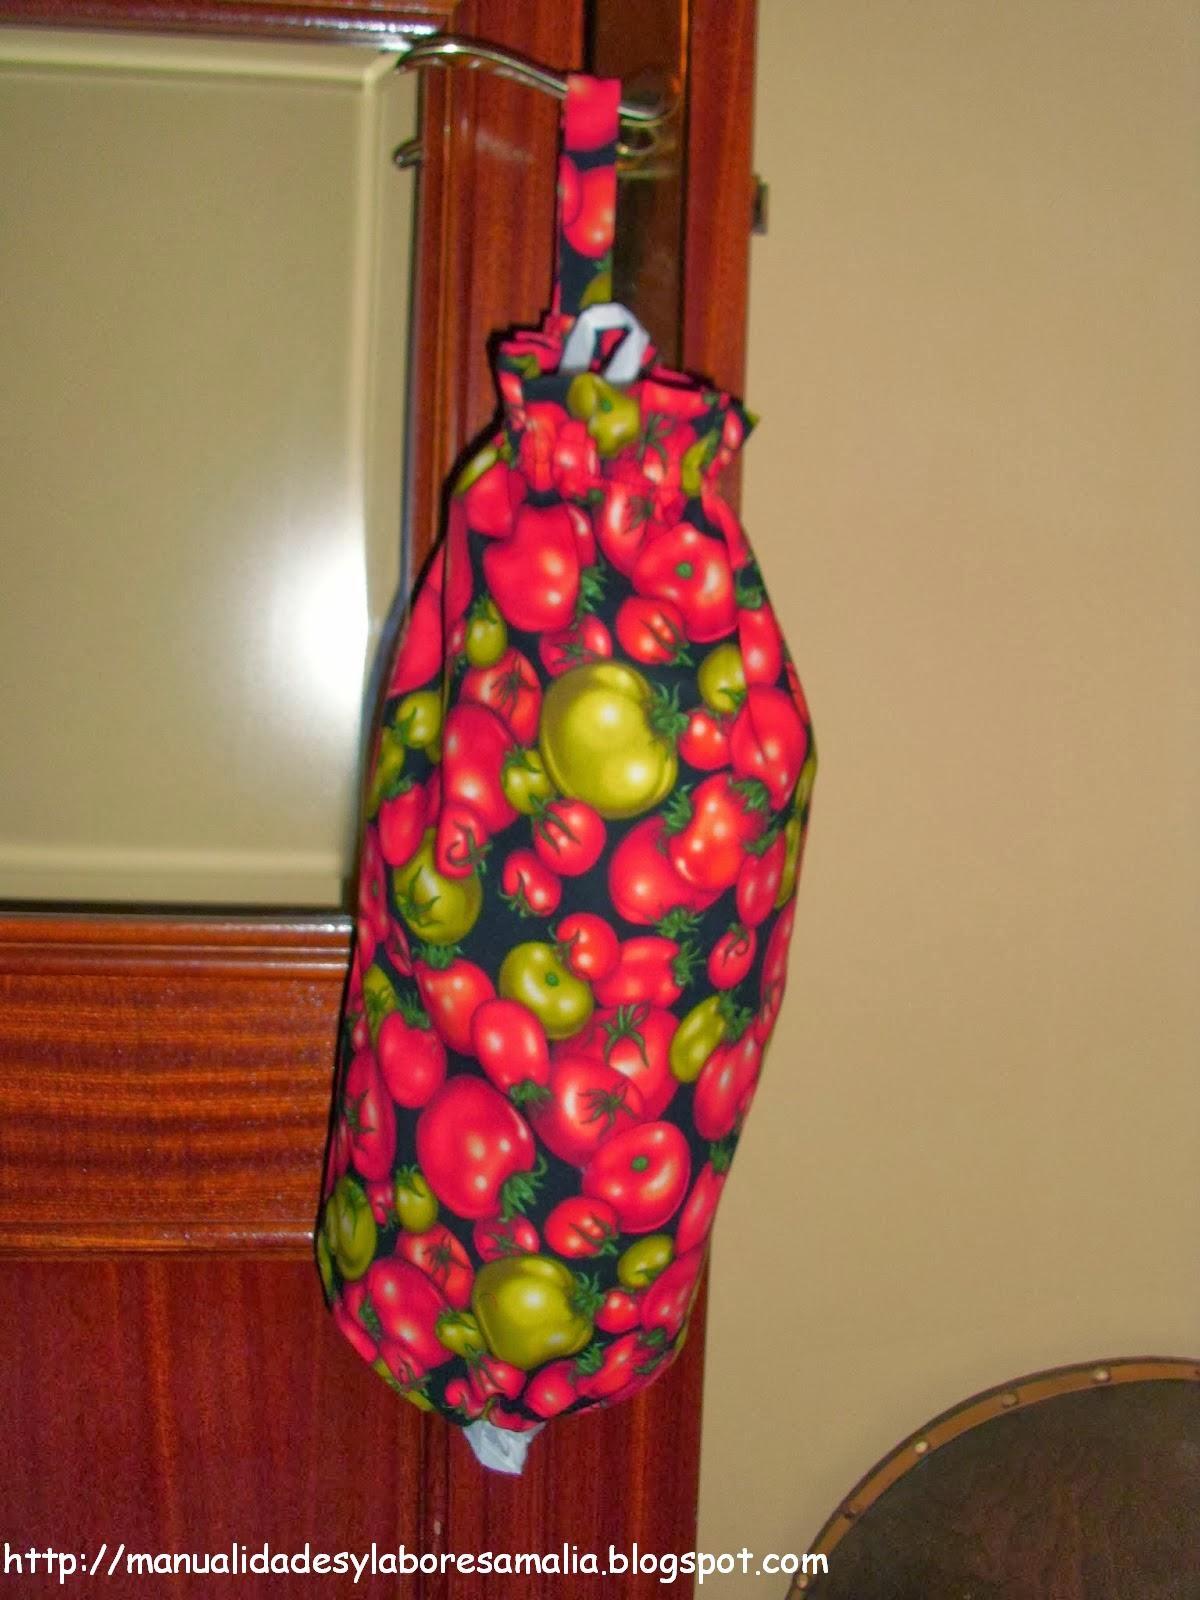 Manualidades y labores amalia bolsas para el pan para - Guardar bolsas plastico ...